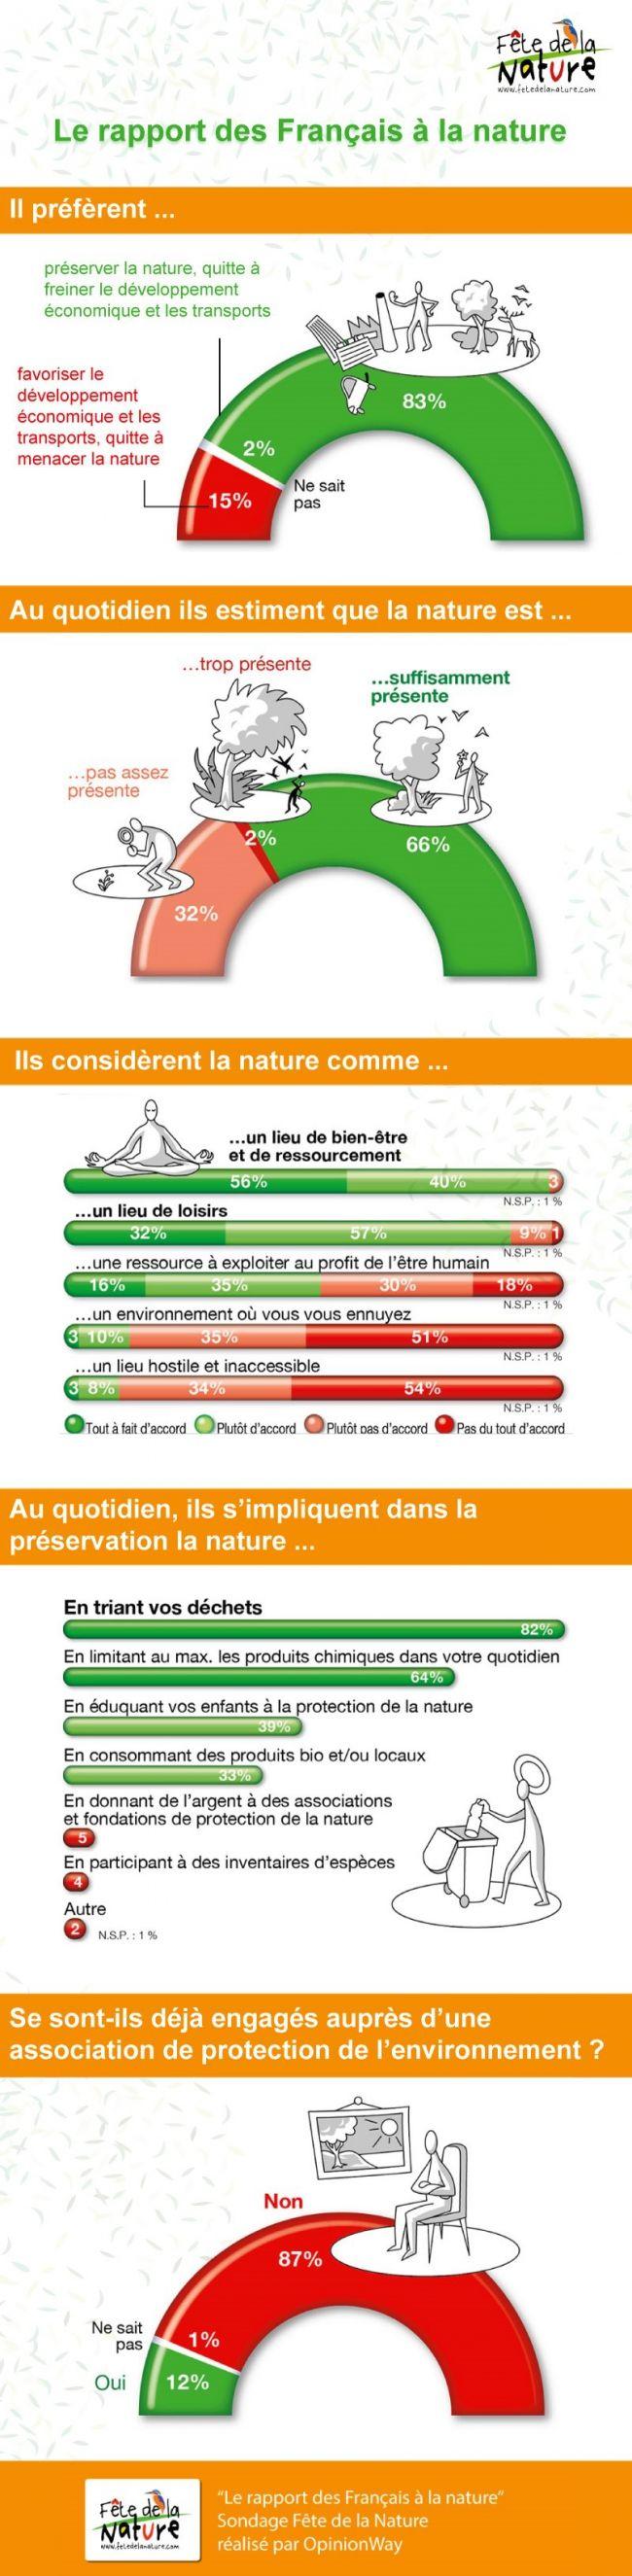 Rapport des français à la nature